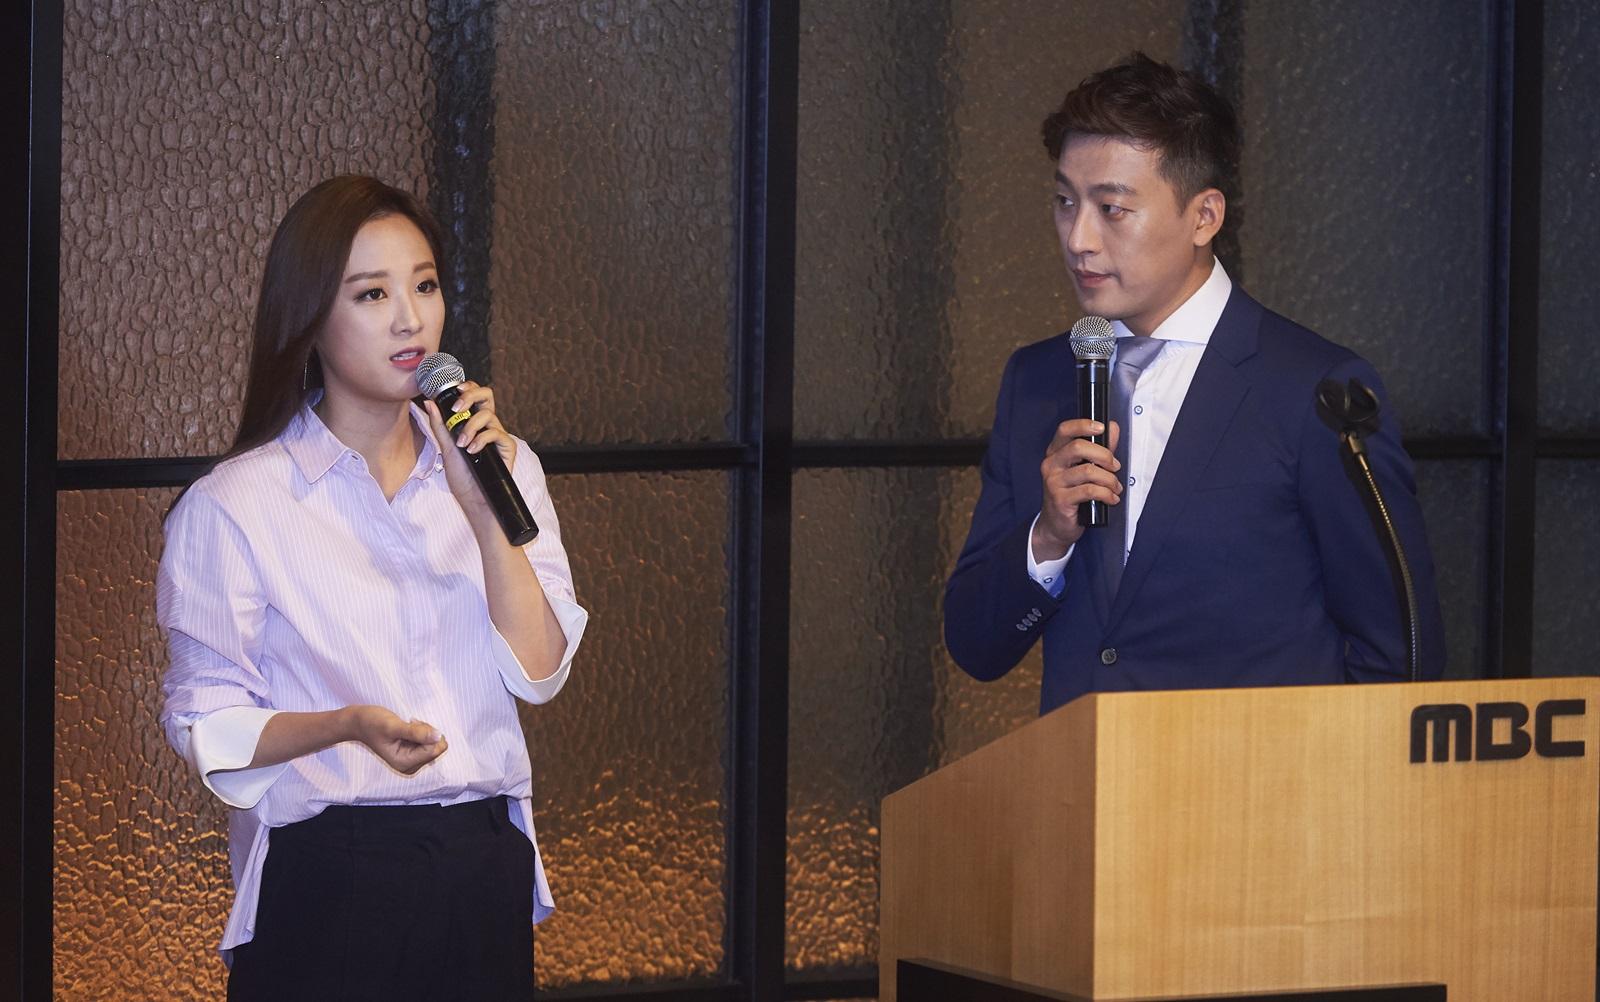 """강다솜 아나운서 """"20대에게 어필하기 위해 스타일링, 신조어까지 고민하고 있다"""""""